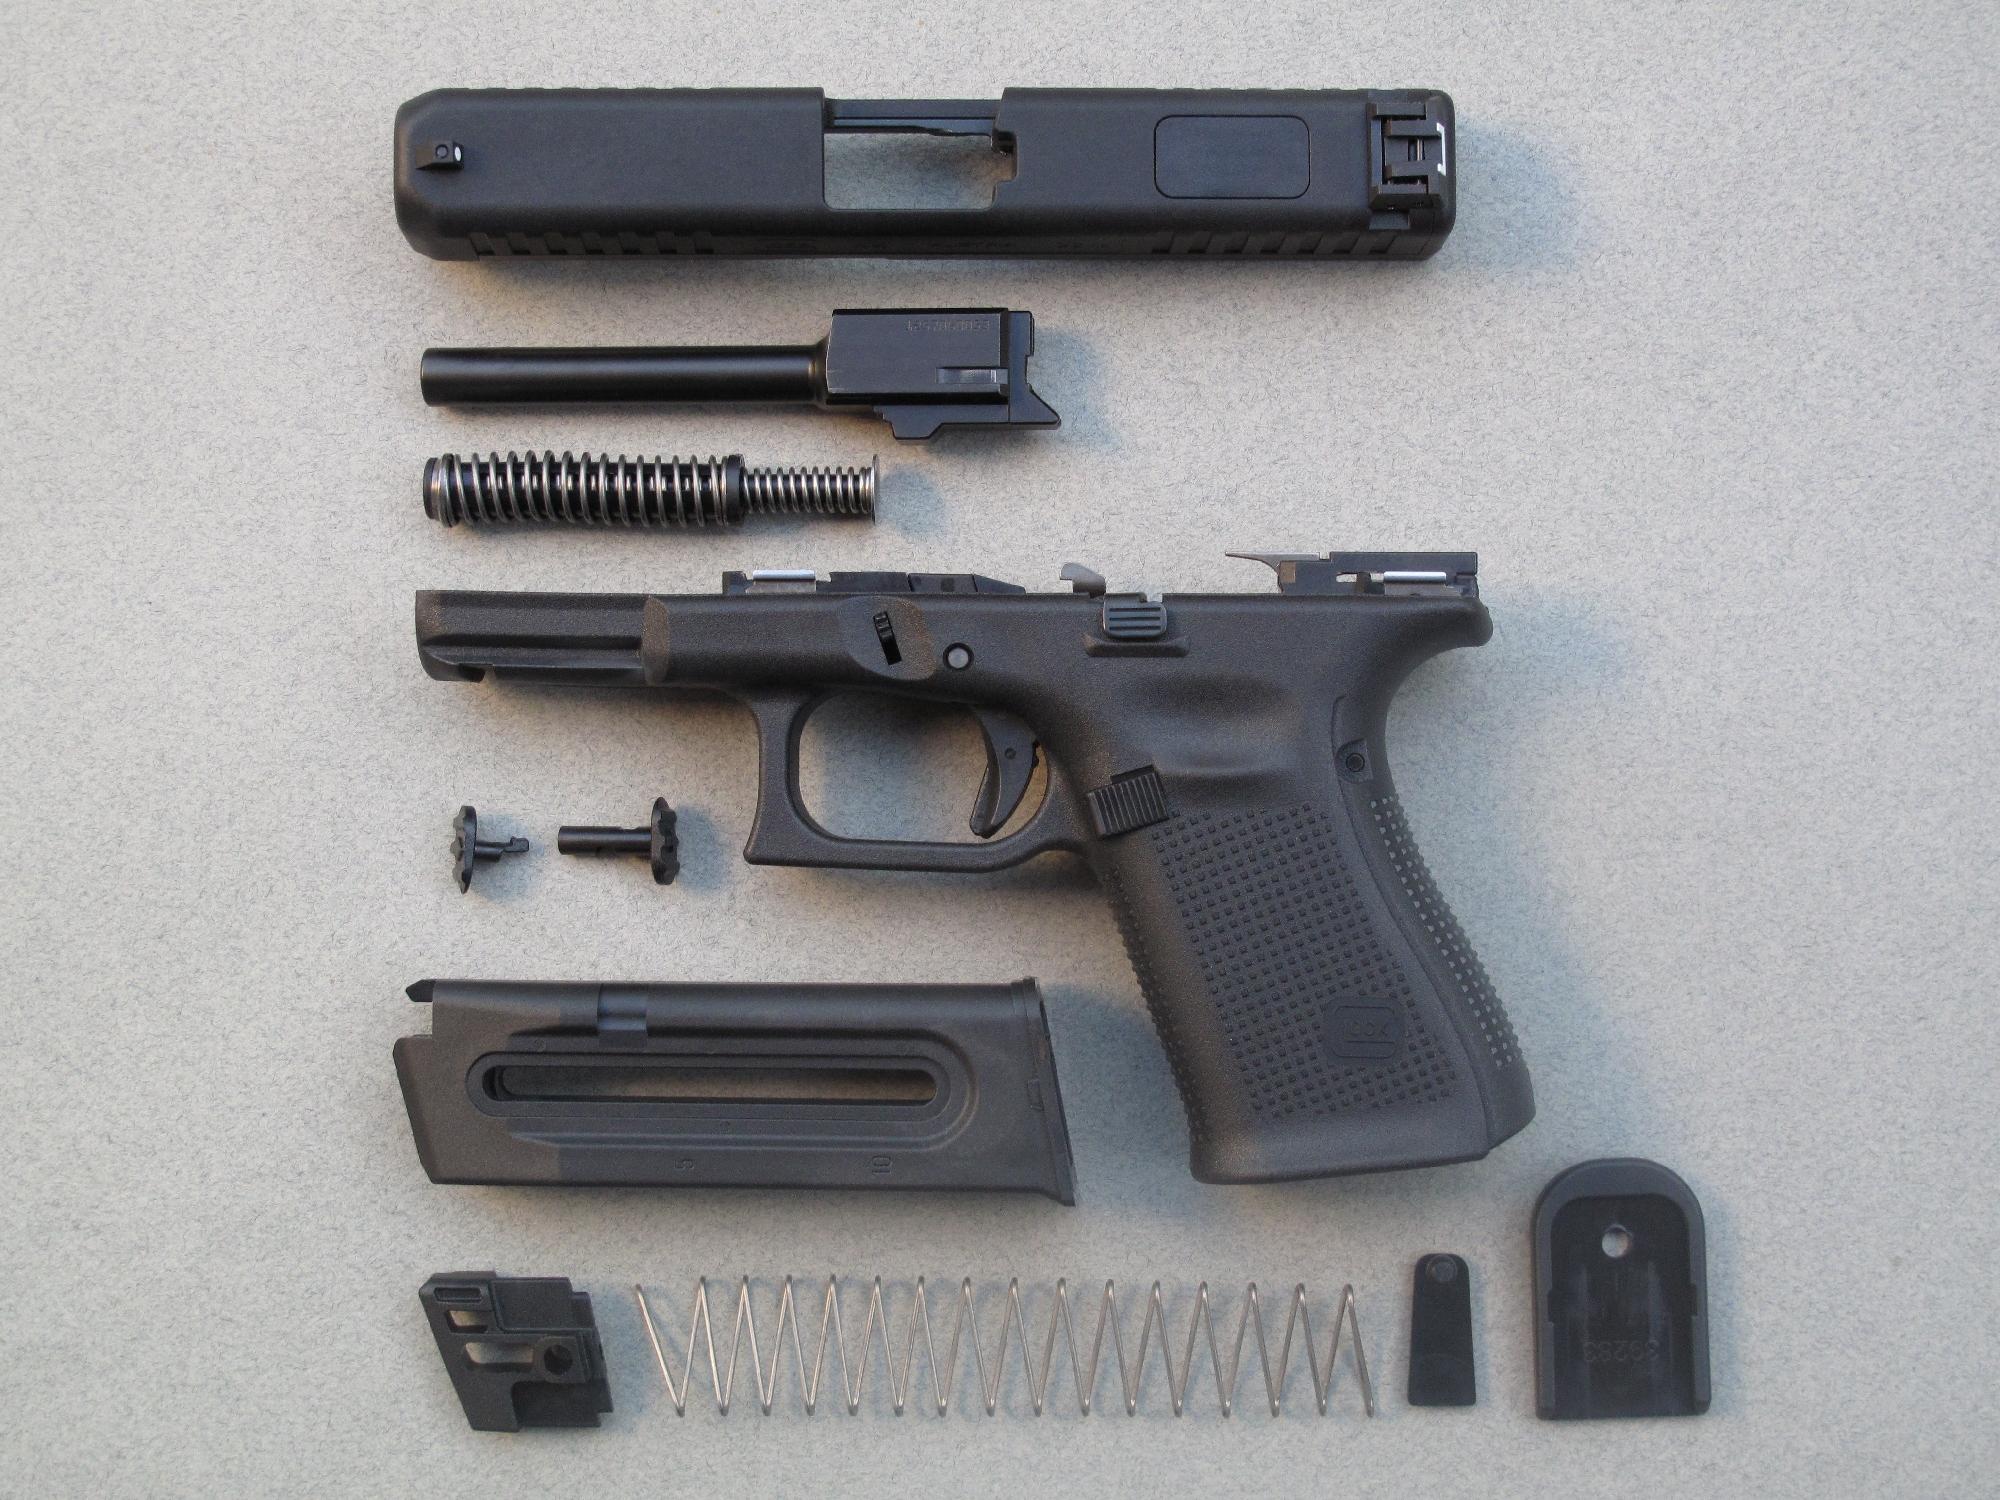 Le démontage sommaire de ce pistolet permet d'observer son système récupérateur télescopique constitué par deux ressorts hélicoïdaux imbriqués.